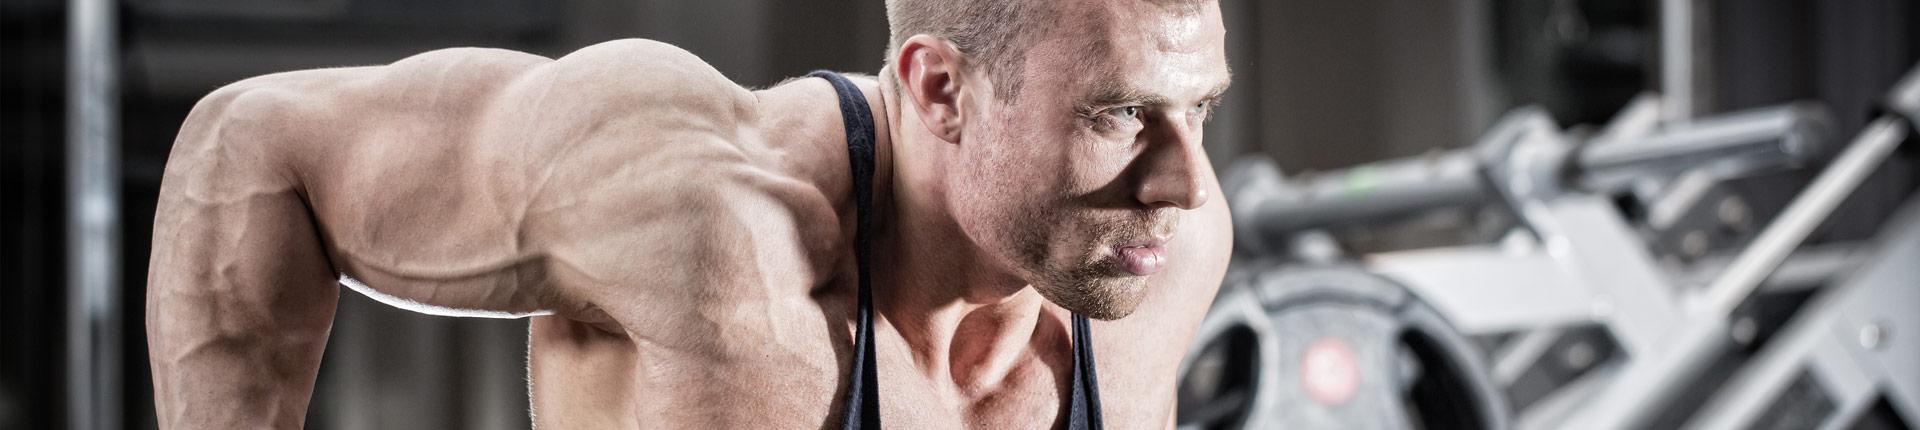 4 maszyny dla sportowców trenujących siłowo